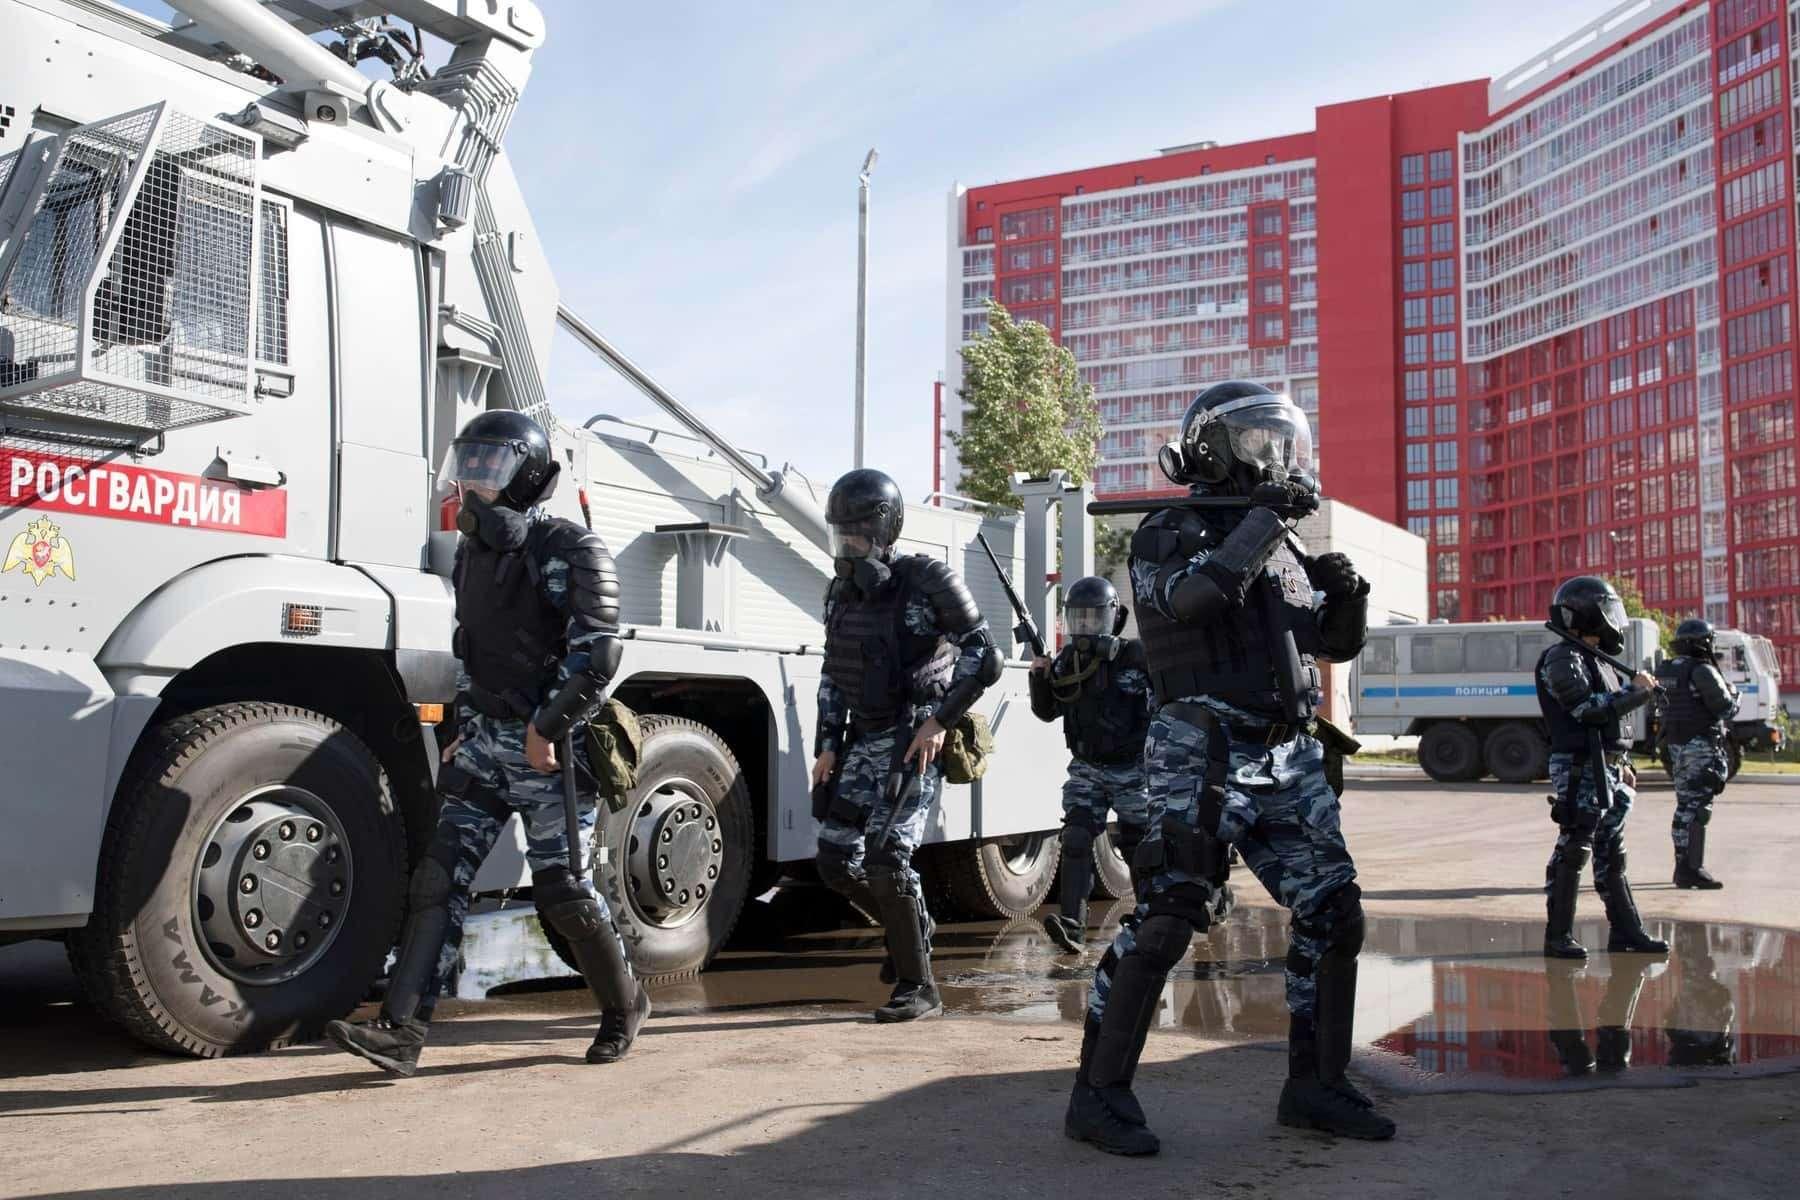 Комплекс «Стена»: Росгвардия получит новую технику дляразгона митингов— фото 906550